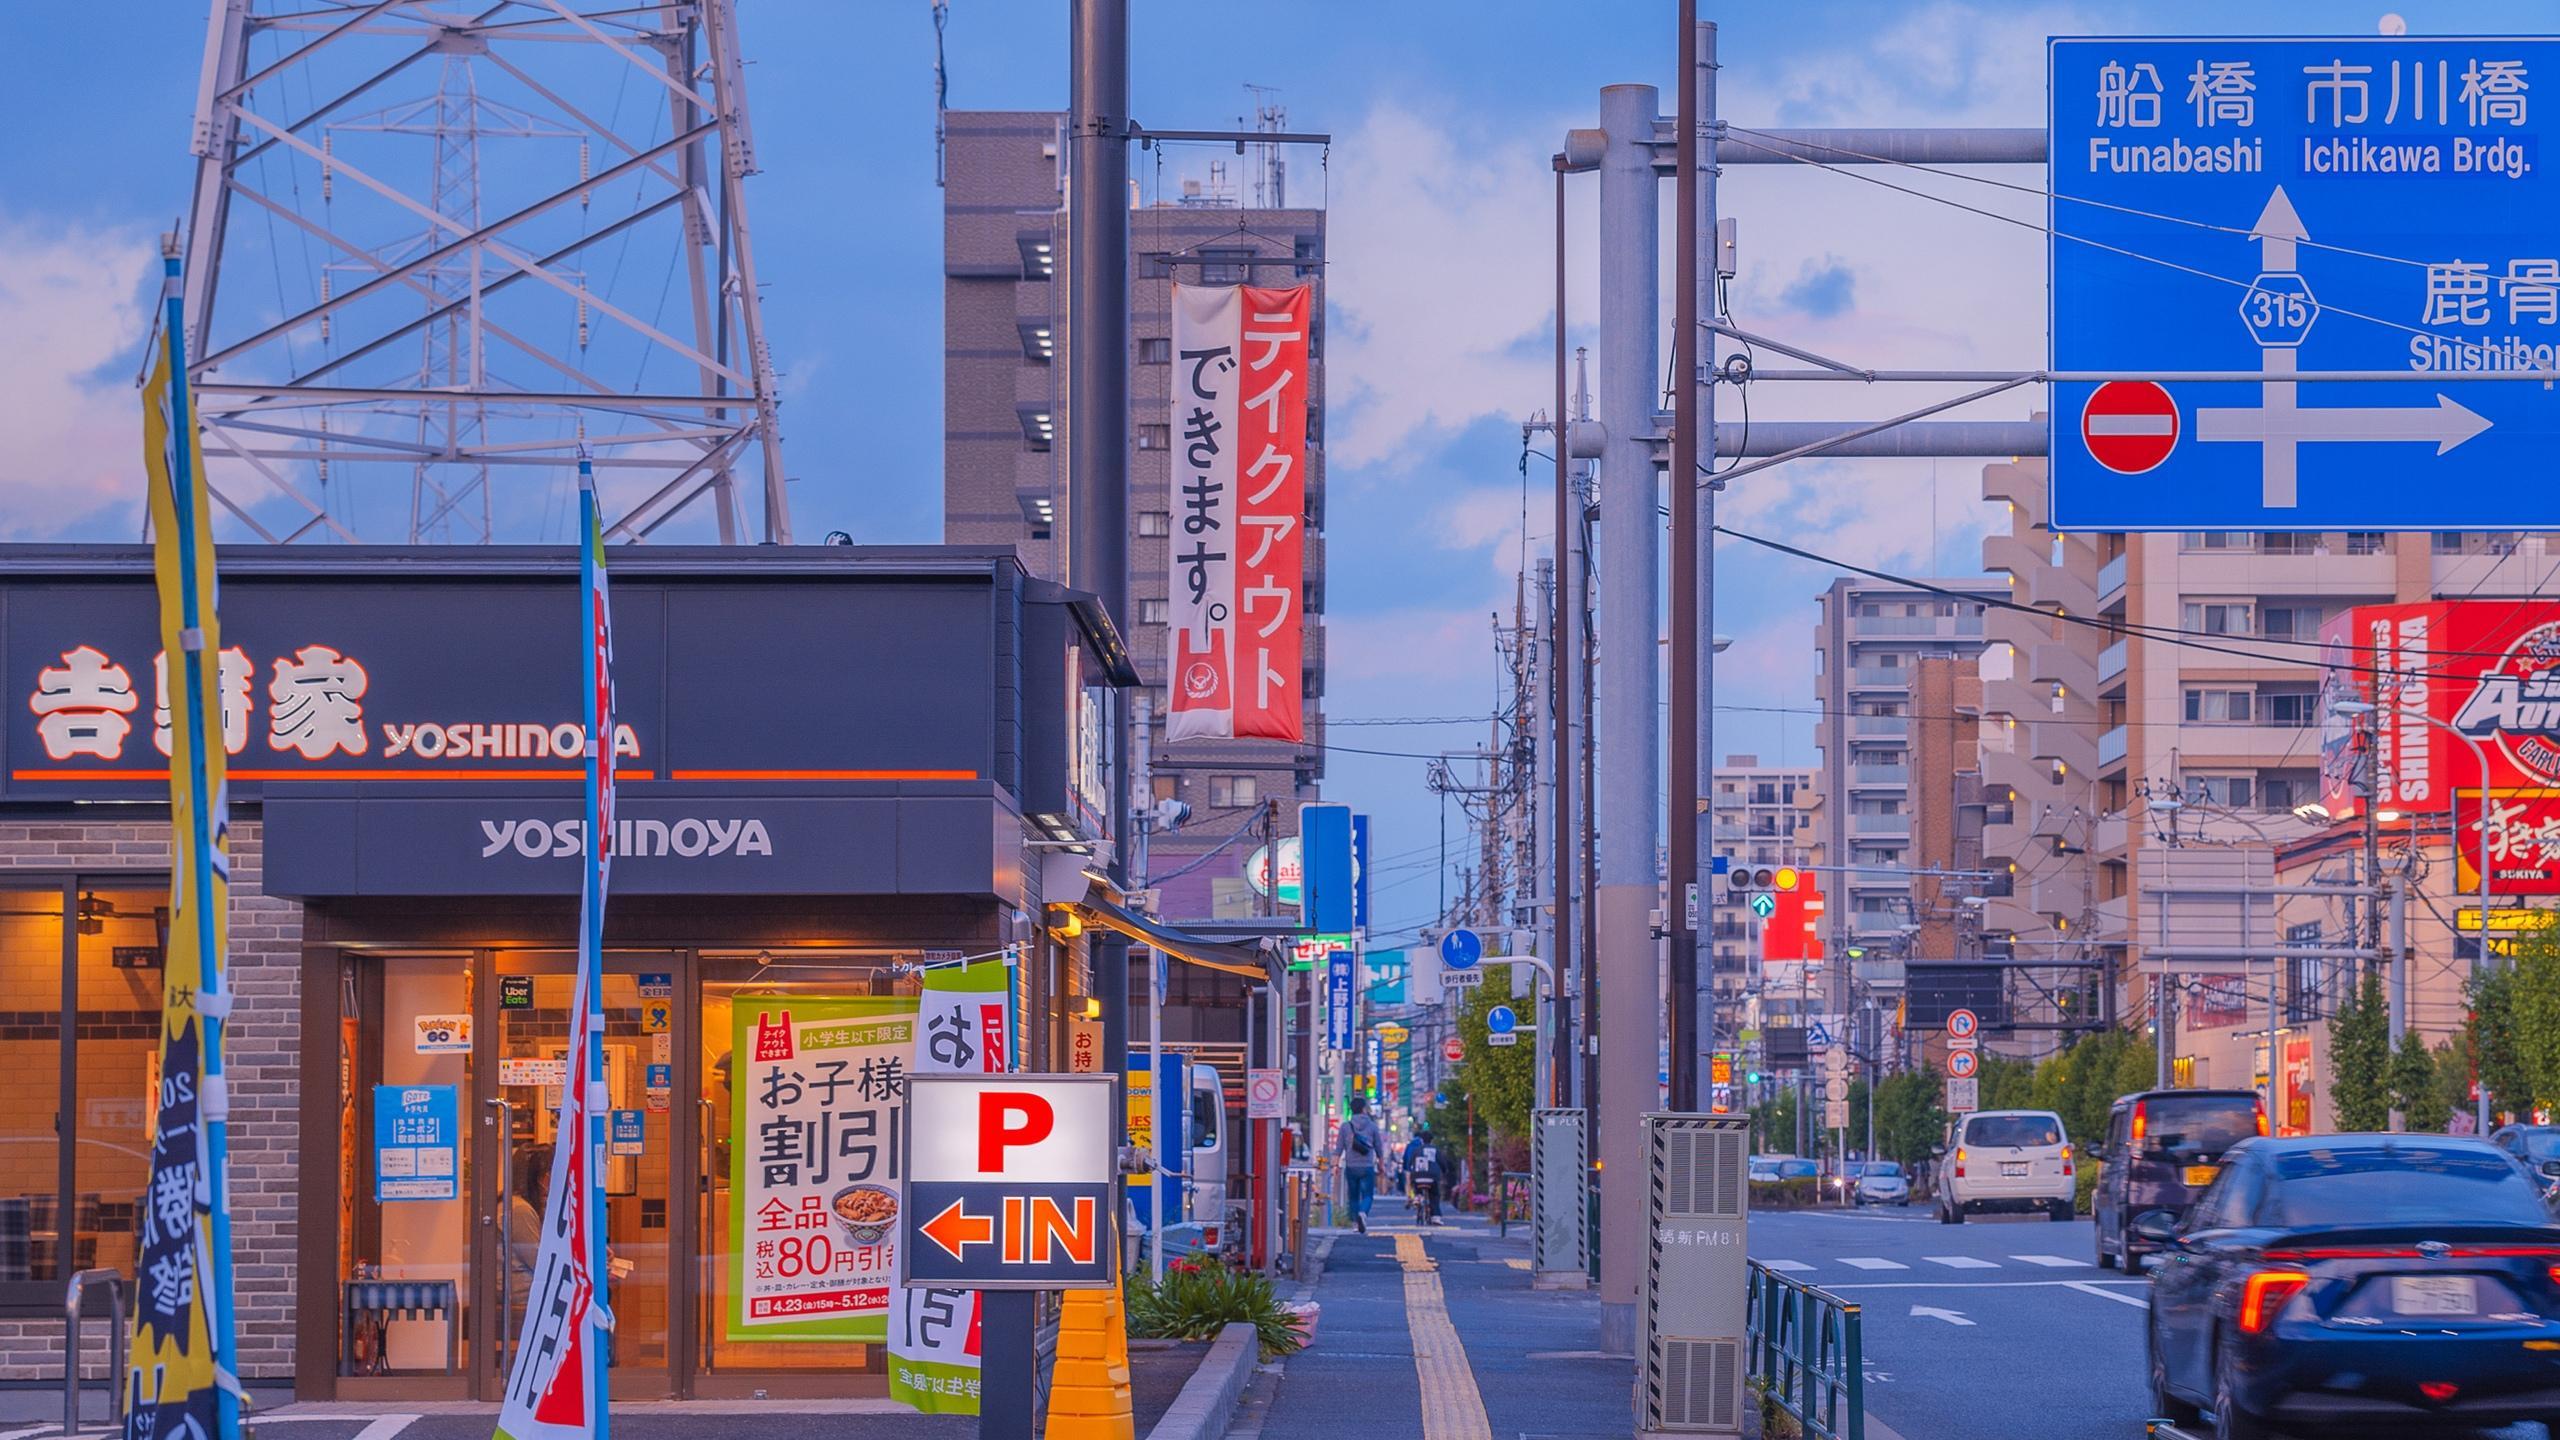 日本傍晚街道美景风光桌面壁纸